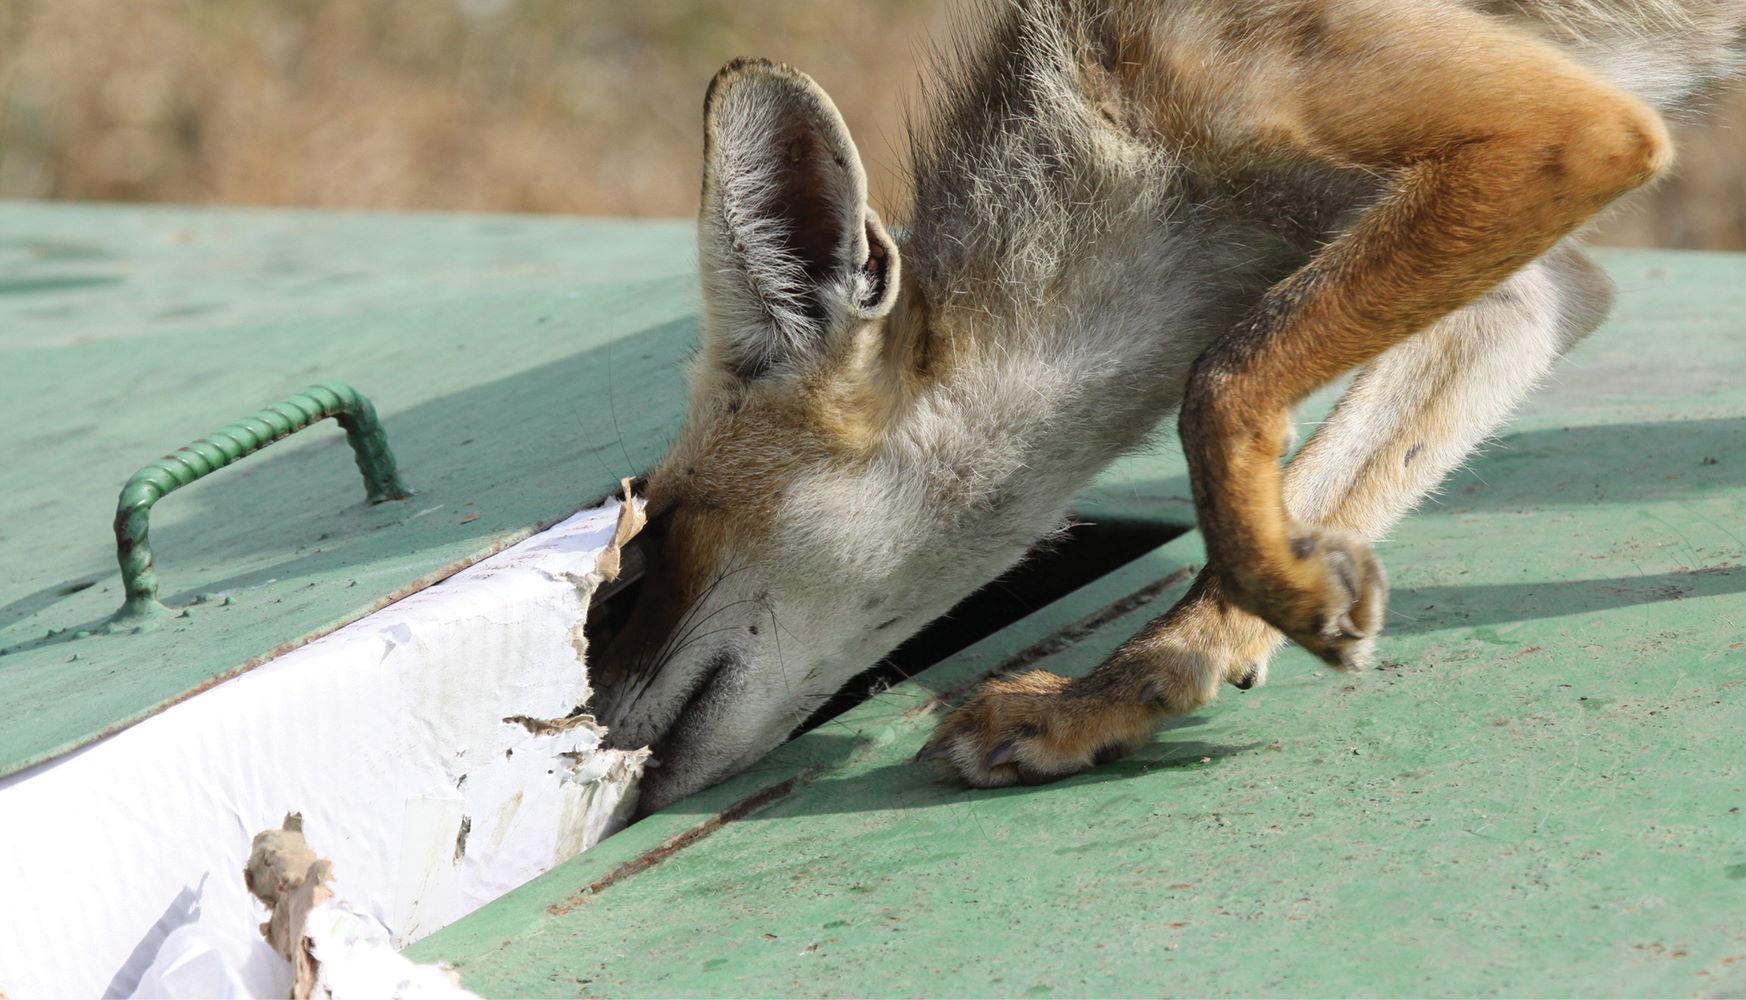 השפעת פסולת שמשאירים מטיילים על חיות הבר בפארק הכרמל